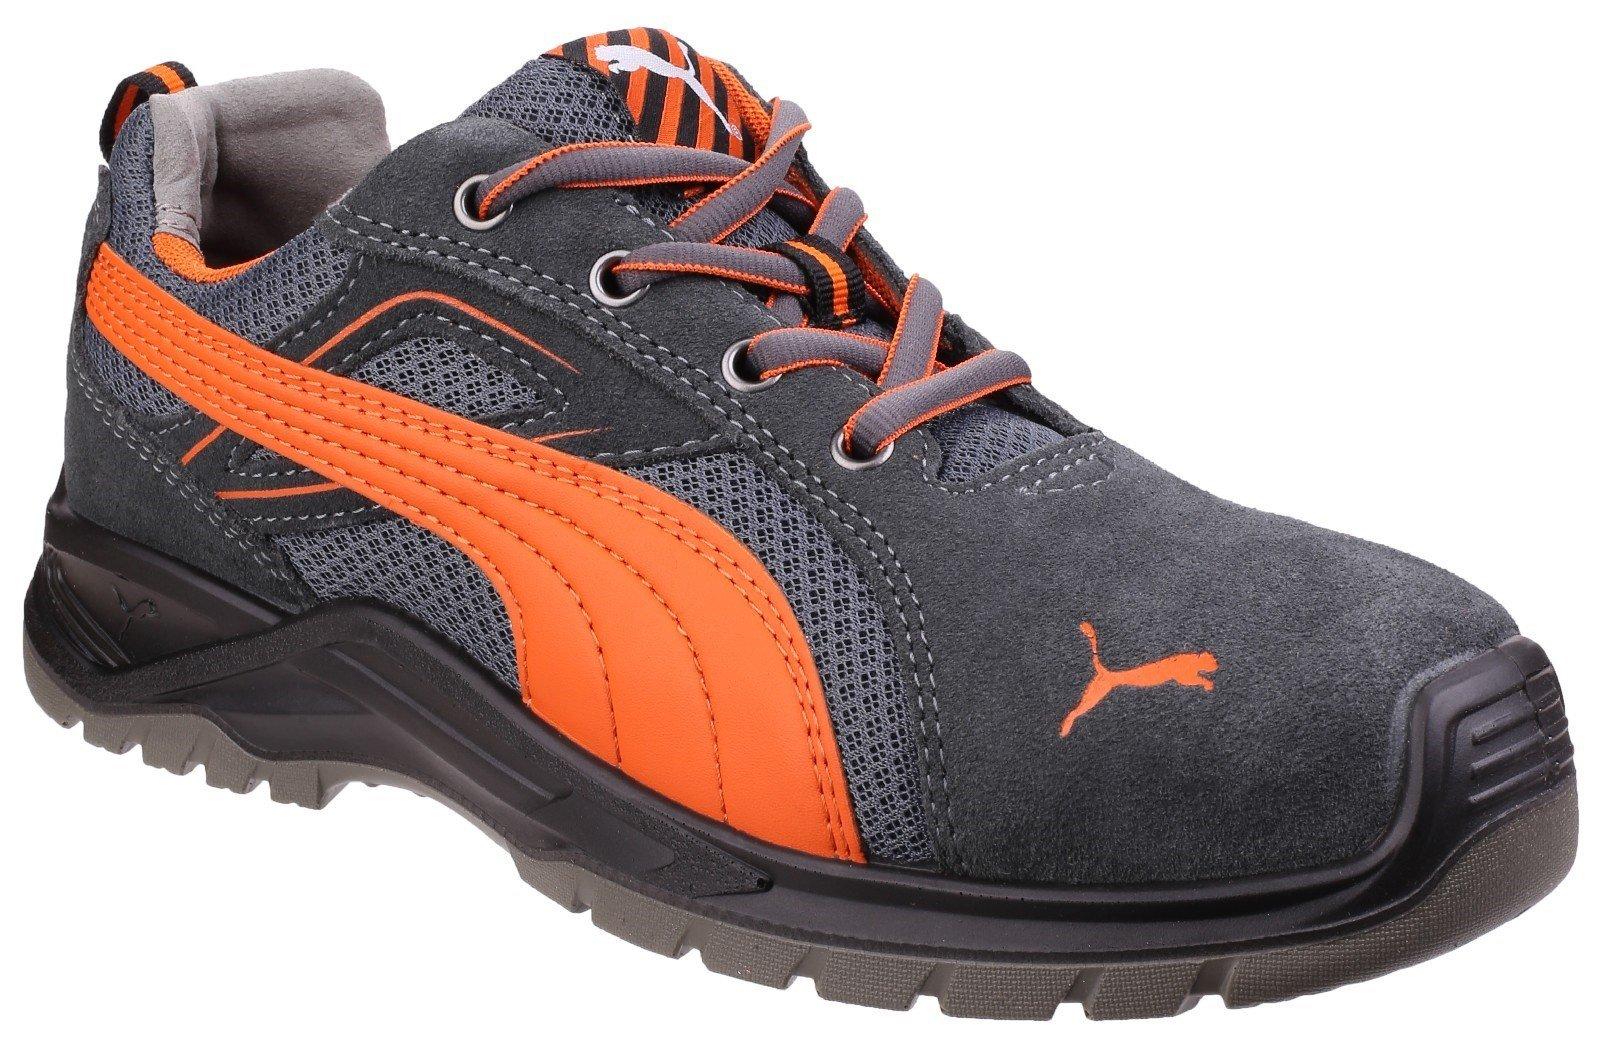 Puma Safety Unisex Omni Flash Low Lace up Trainer Orange 24856 - Orange 6.5